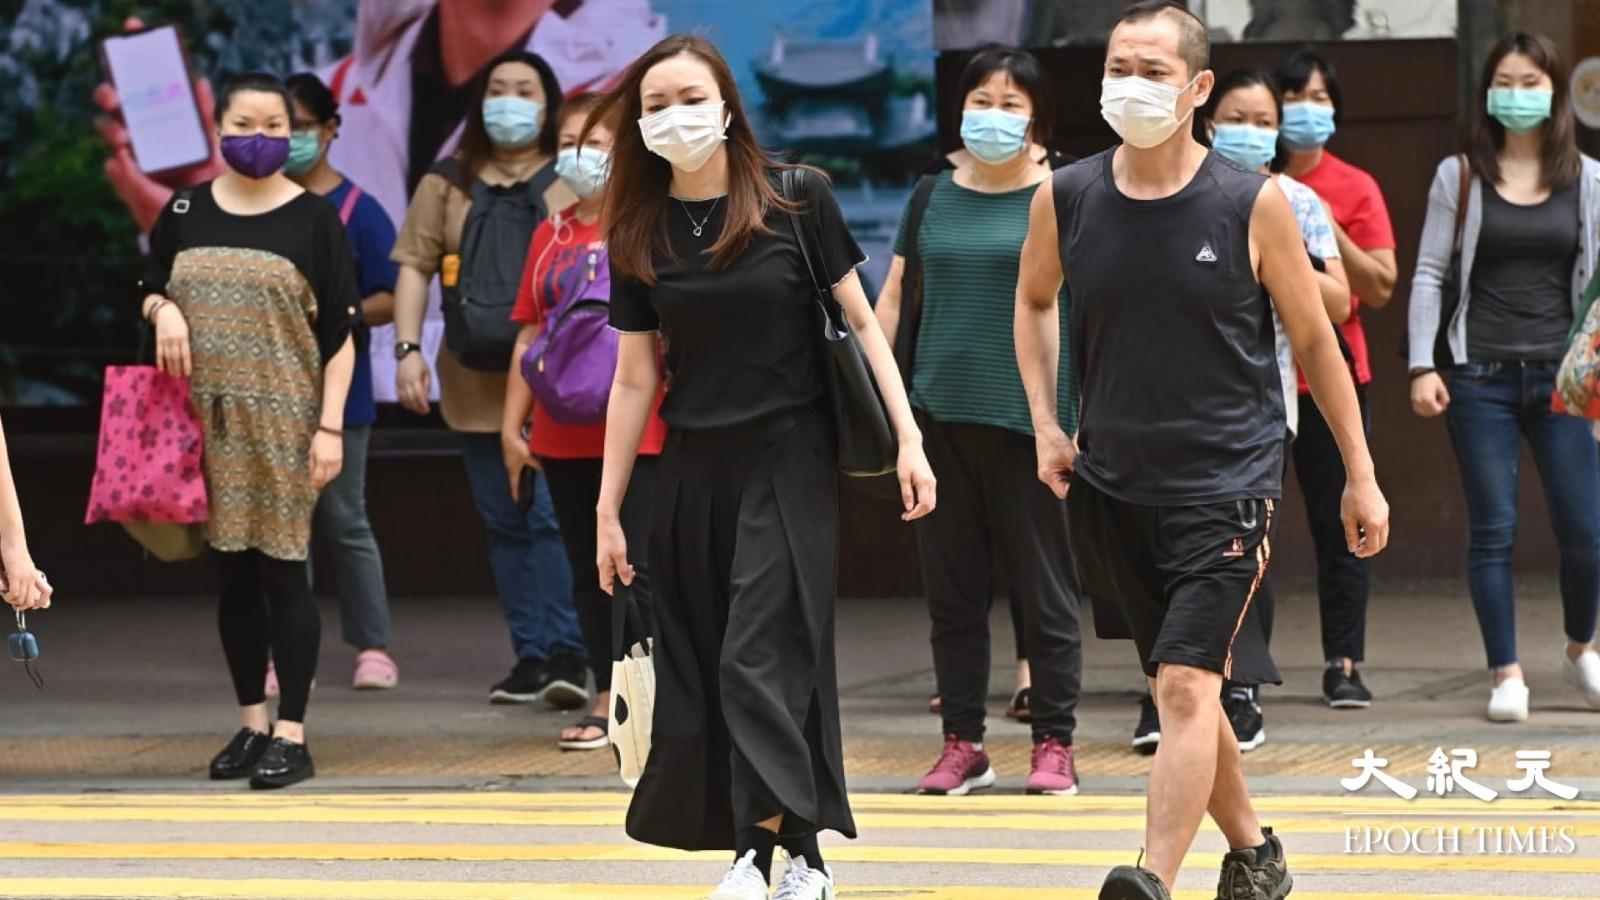 上班族紛紛穿黑衣作無聲抗議。 (宋碧龍/大紀元)